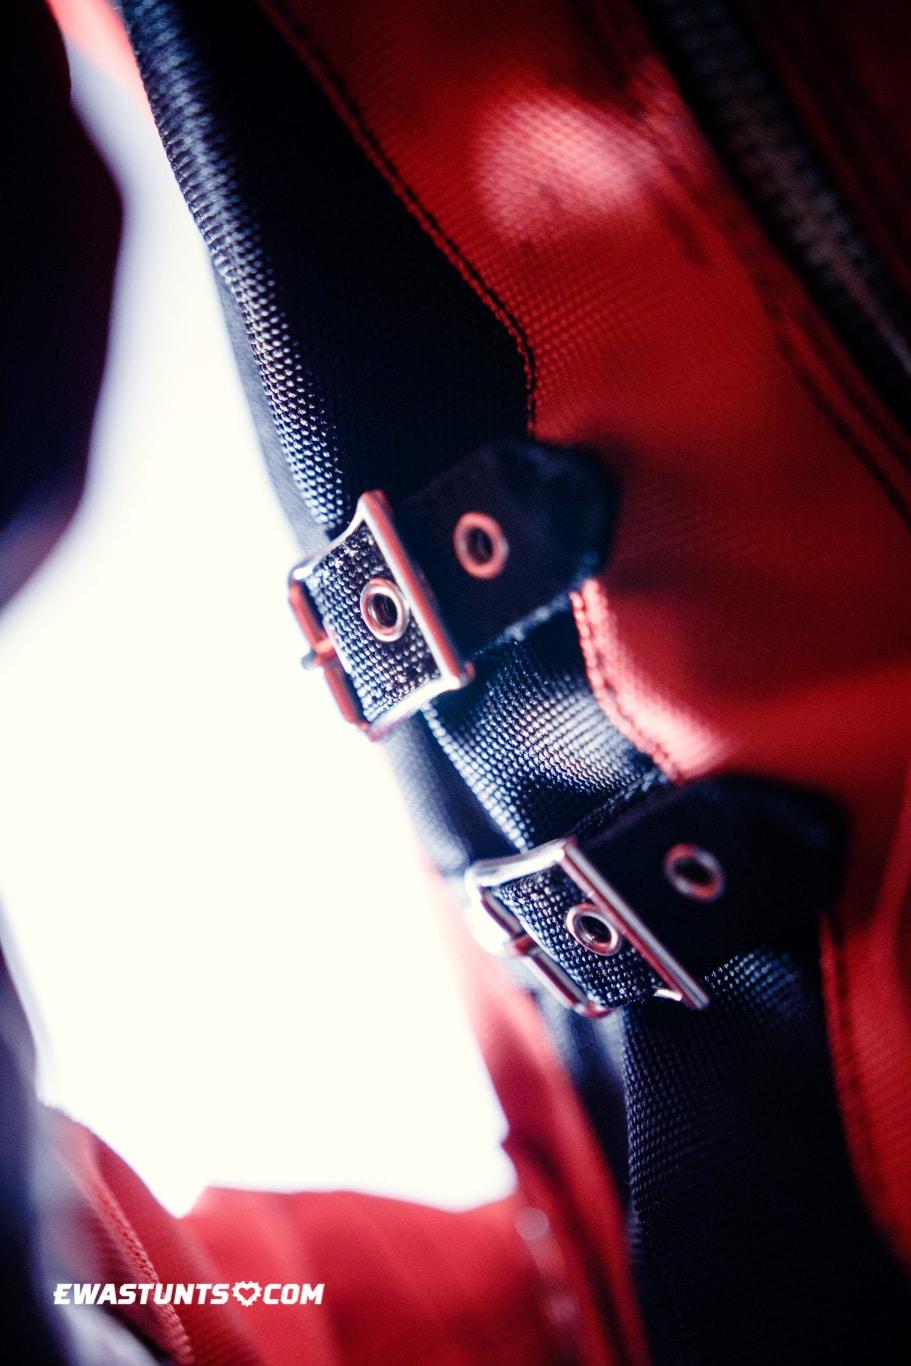 ewastunts_icon_jacket-31